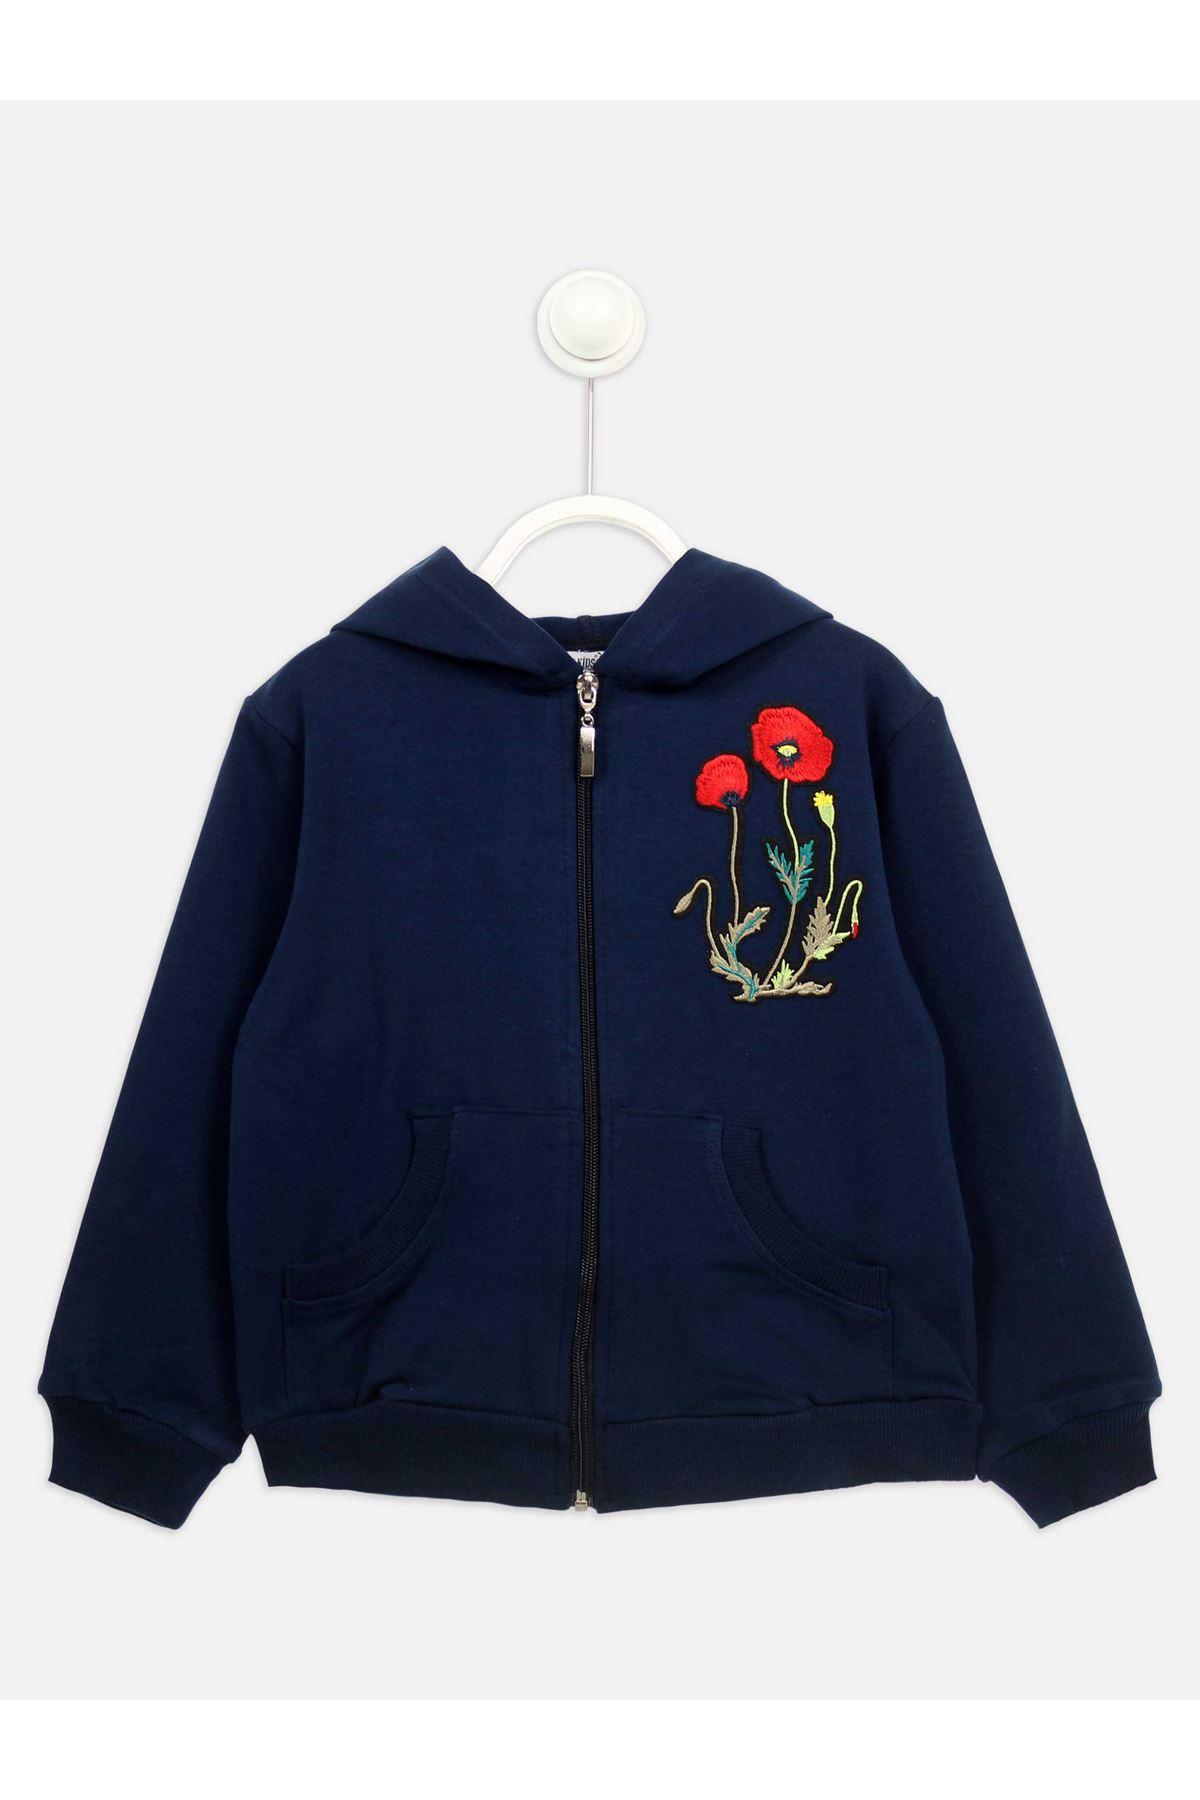 Lacivert Mevsimlik Kız Çocuk Ceket